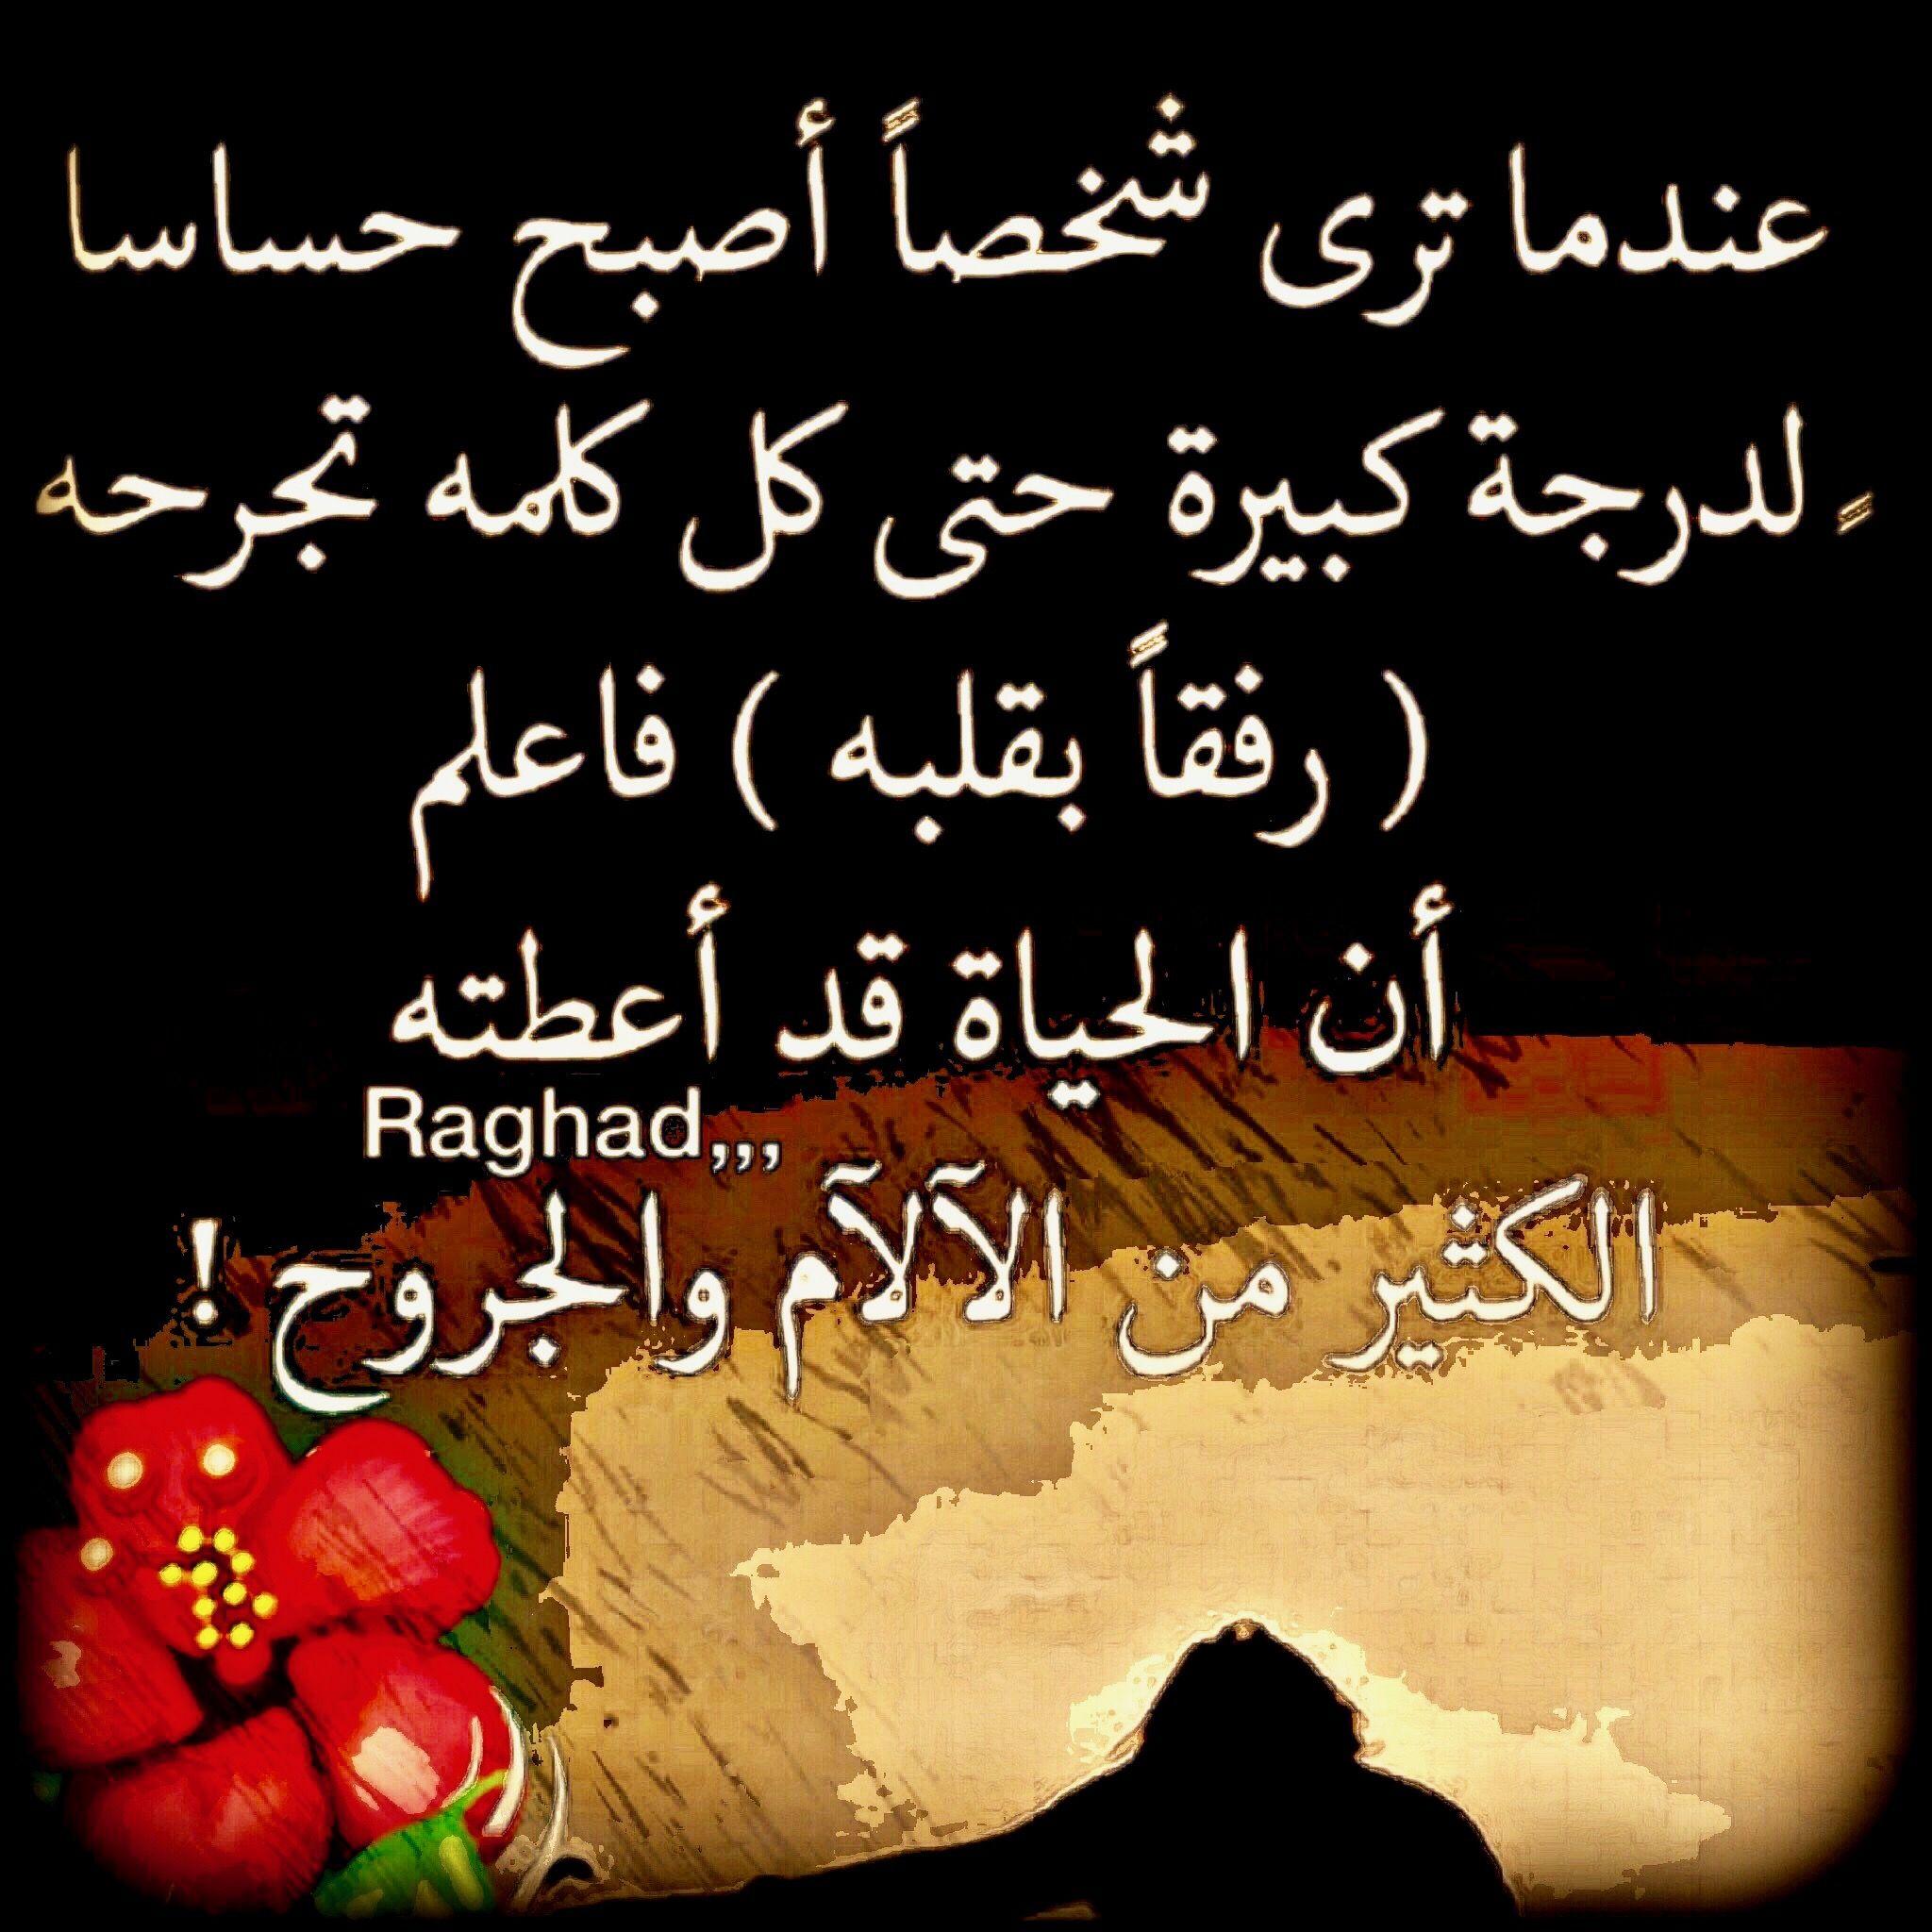 شكرا لمن كتب هذه لكلمات لان و كانه تكلم علي Wonderful Words Christian Photos Arabic Quotes